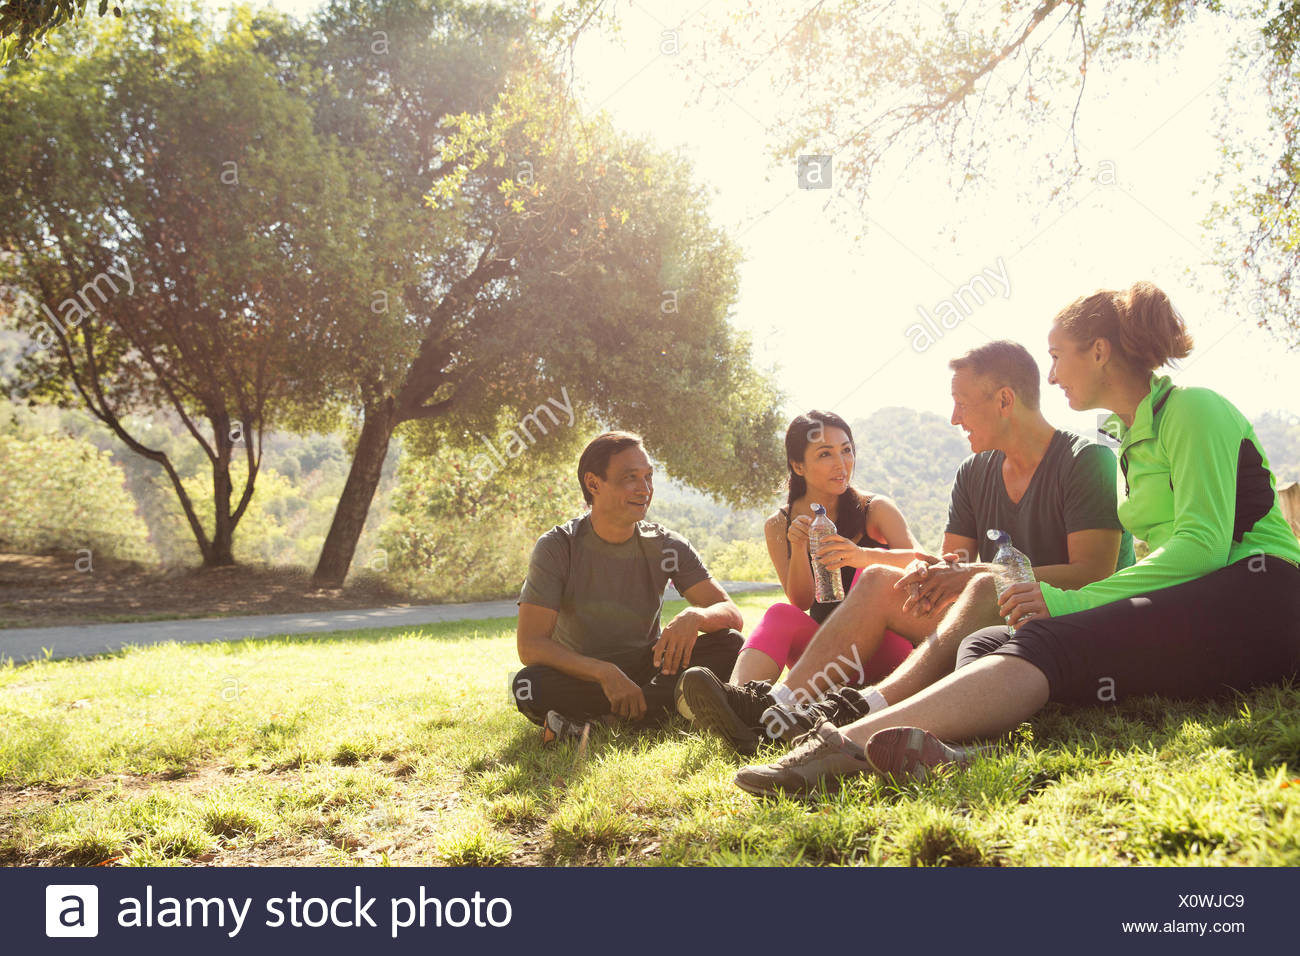 Cuatro machos y hembras maduras corredores sentados conversando en el parque Imagen De Stock